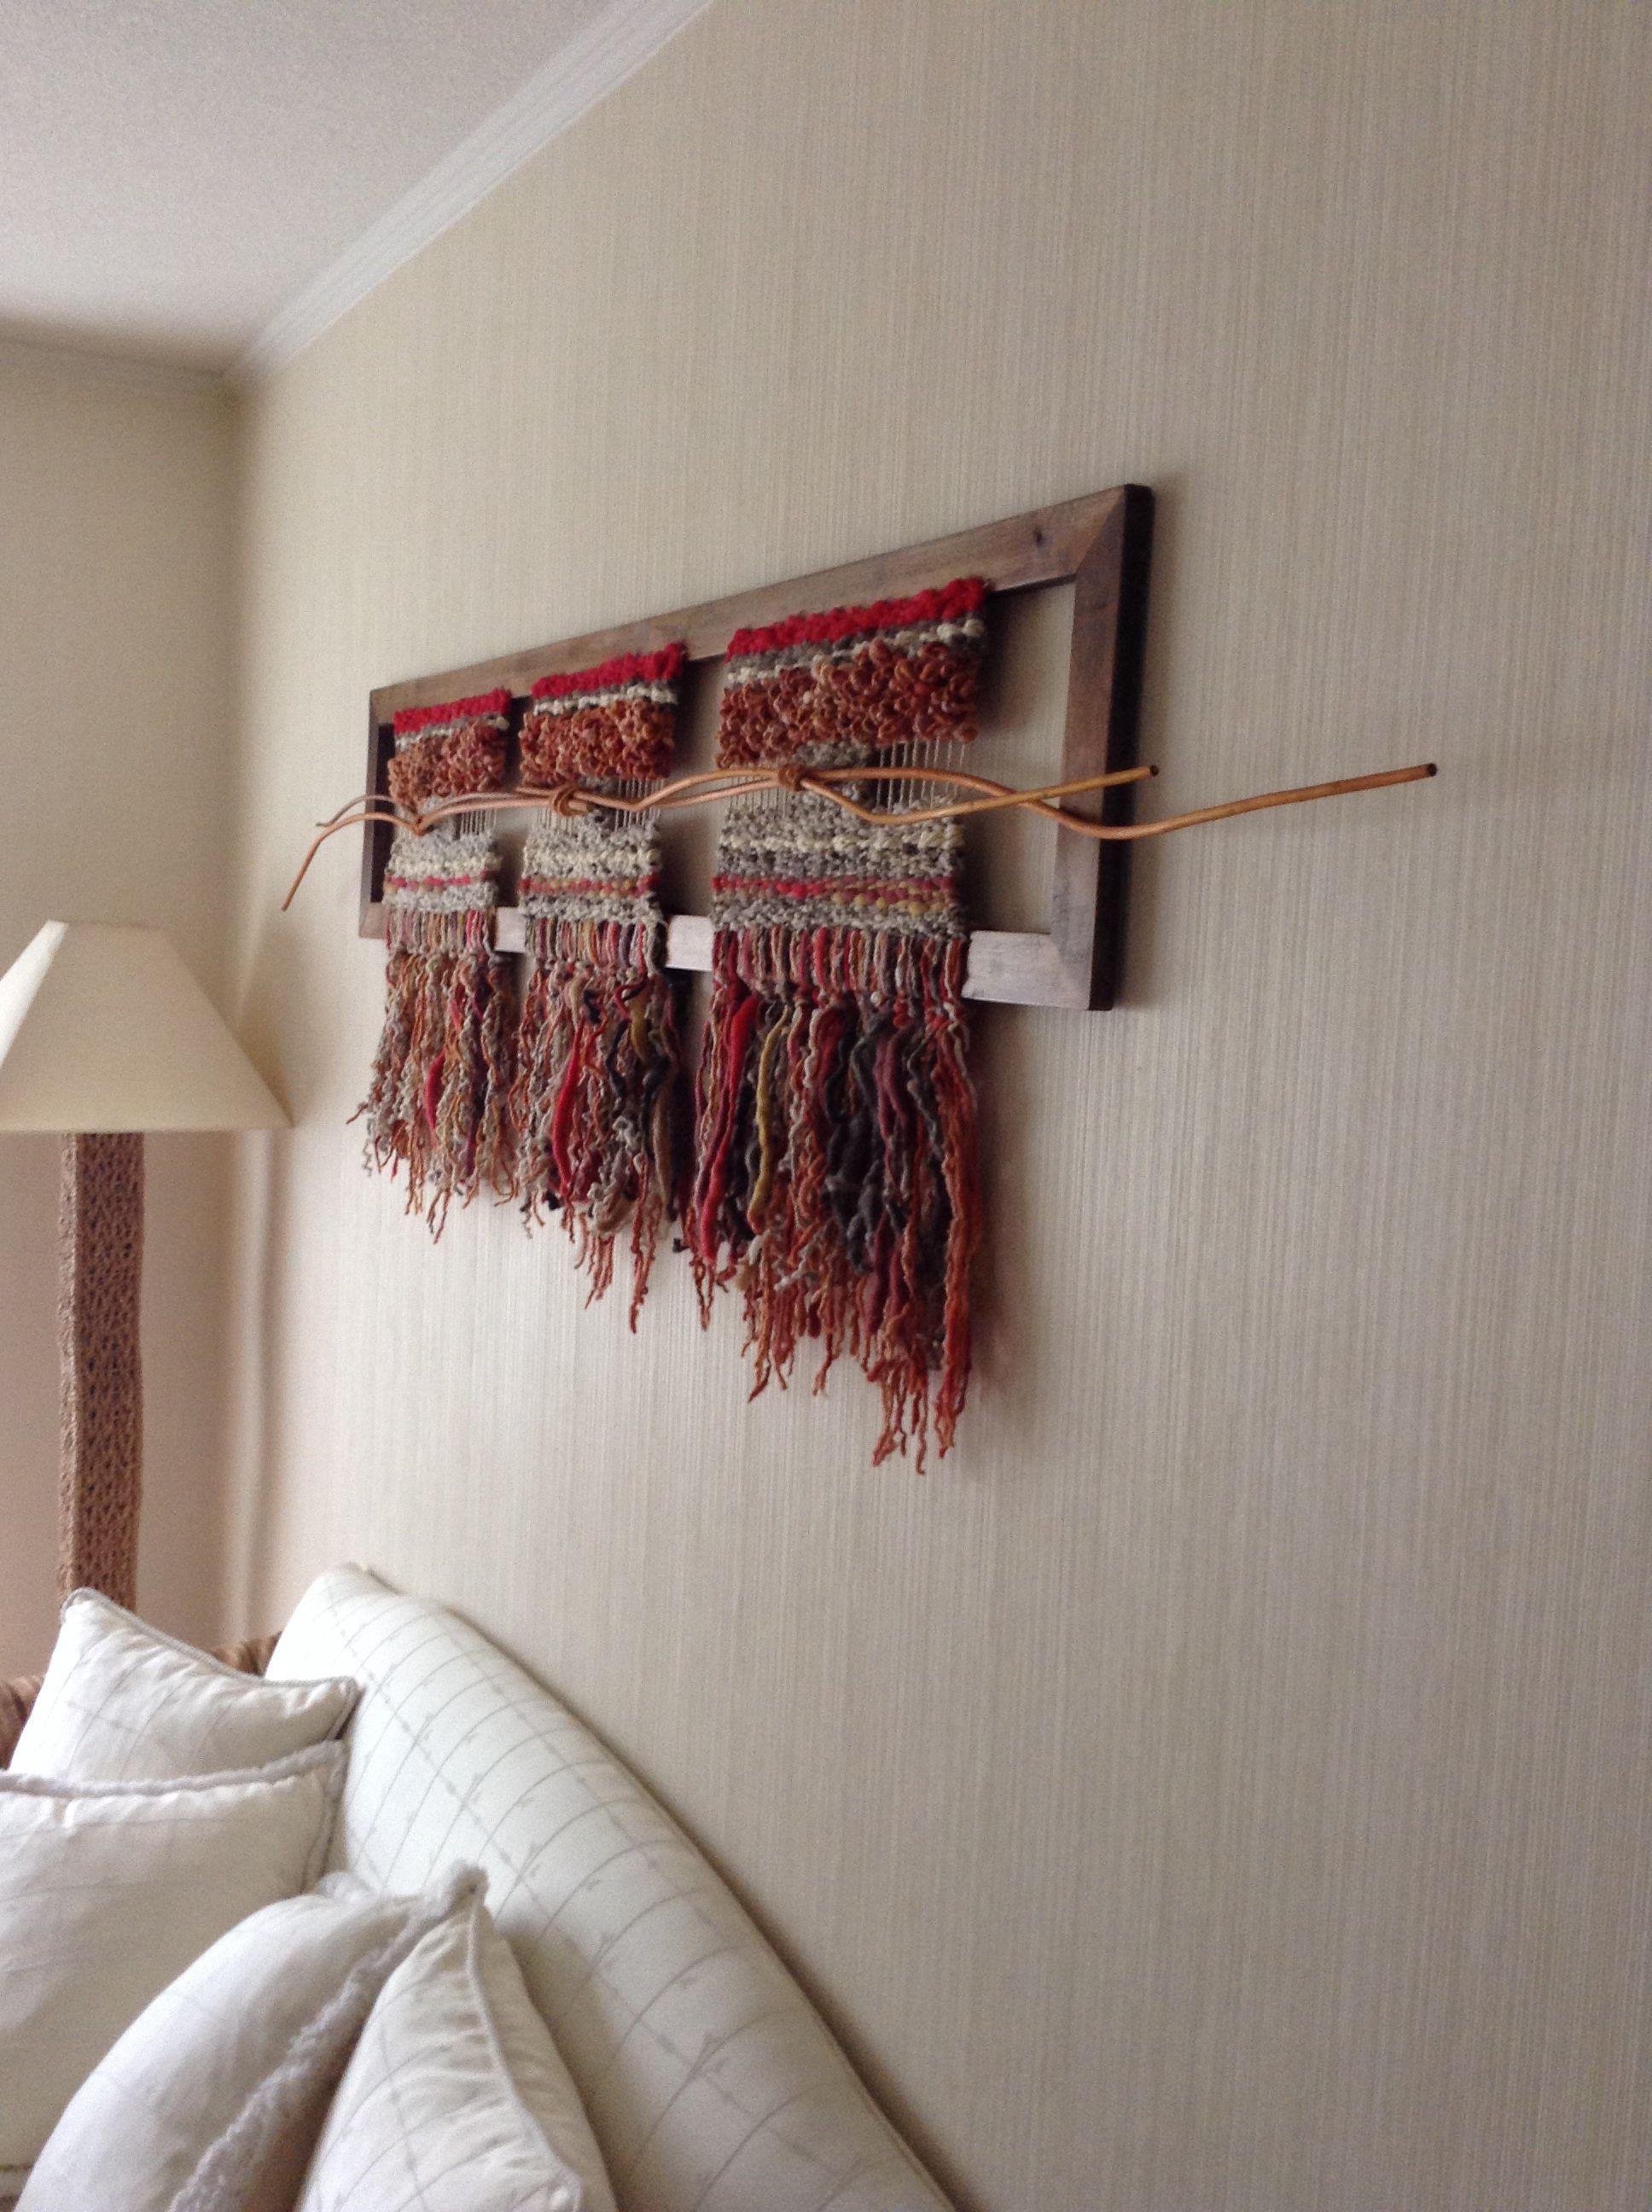 Telar enmarcado   telares decorativos   Pinterest   Telar, Tapices y ...